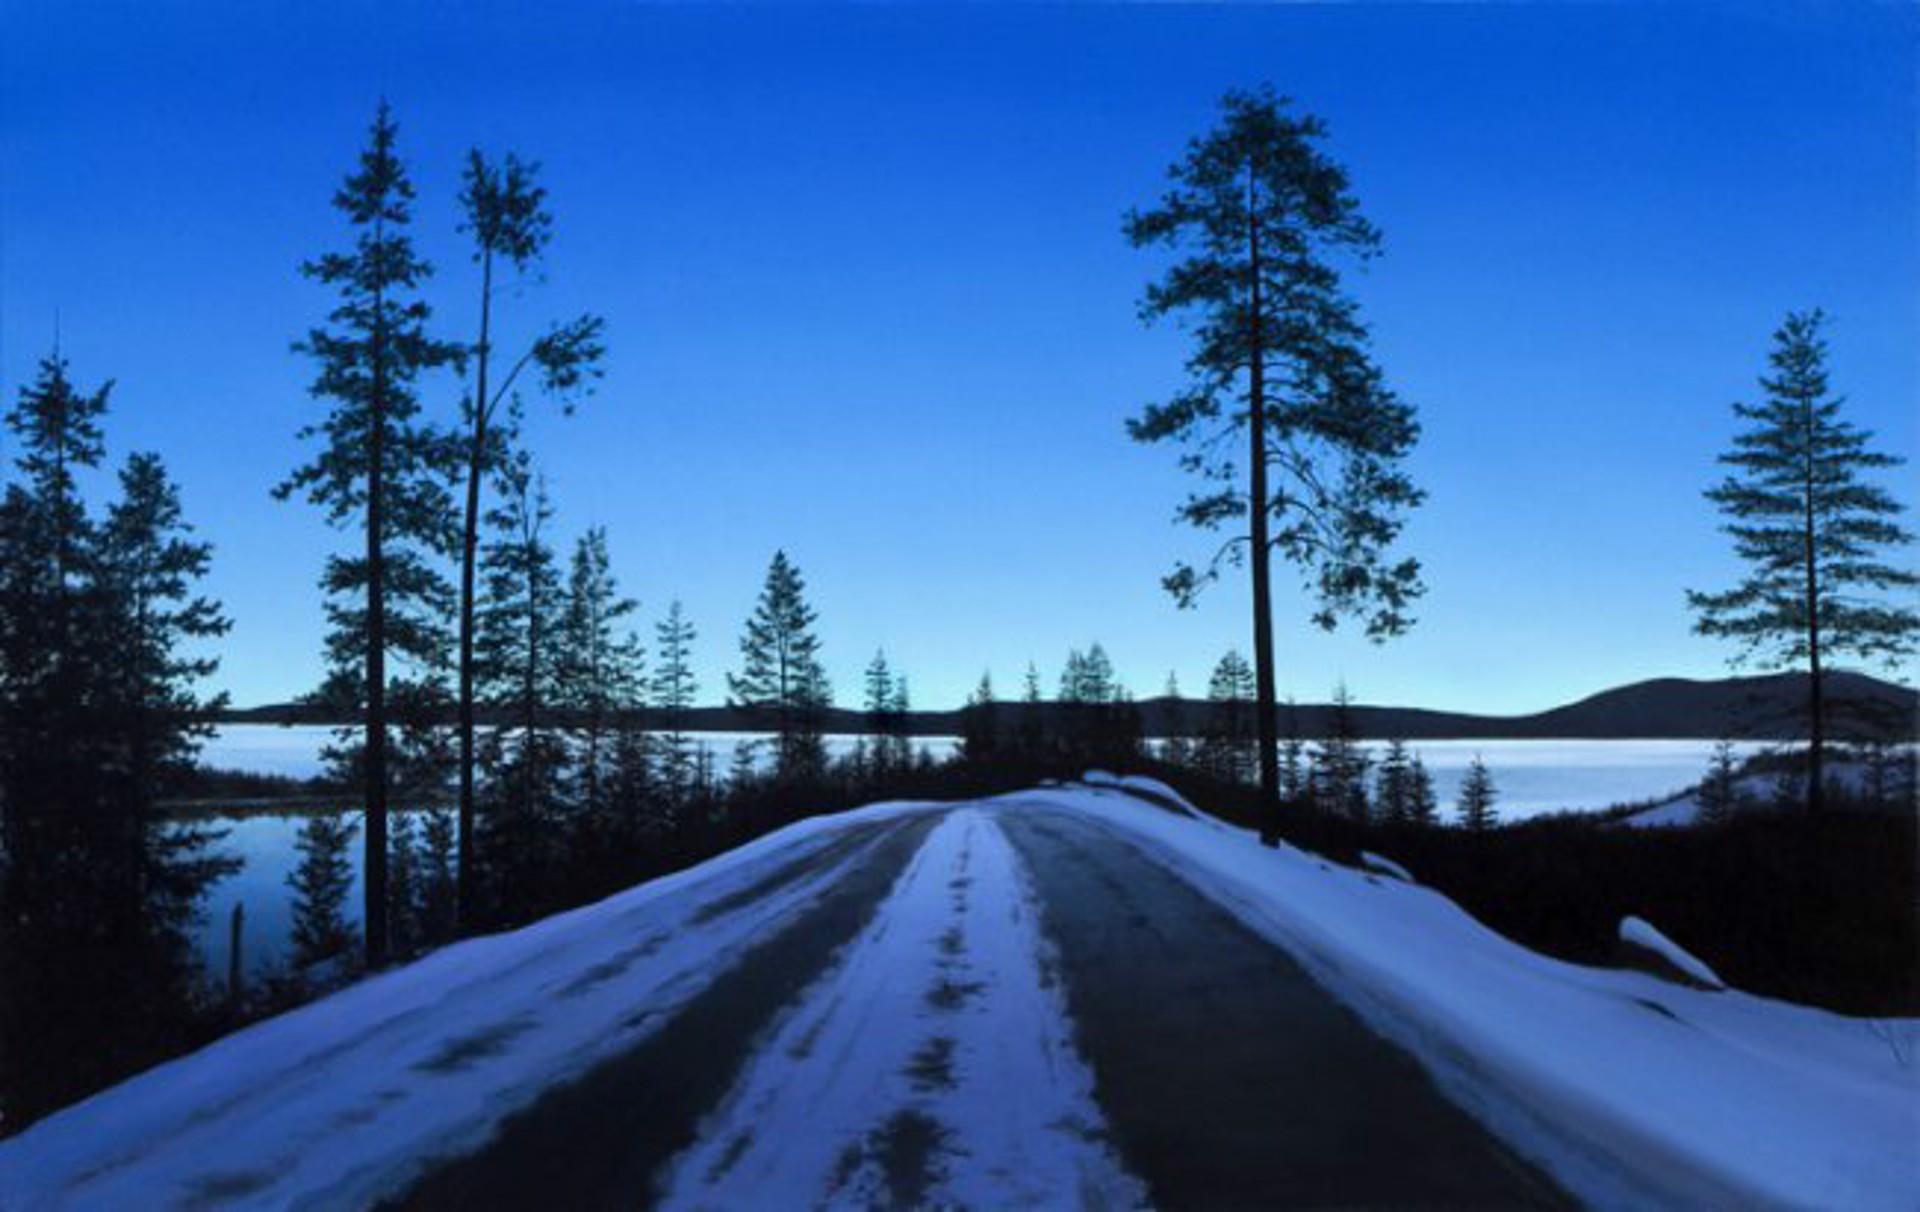 Dawn at Tahoe by Alexander Volkov